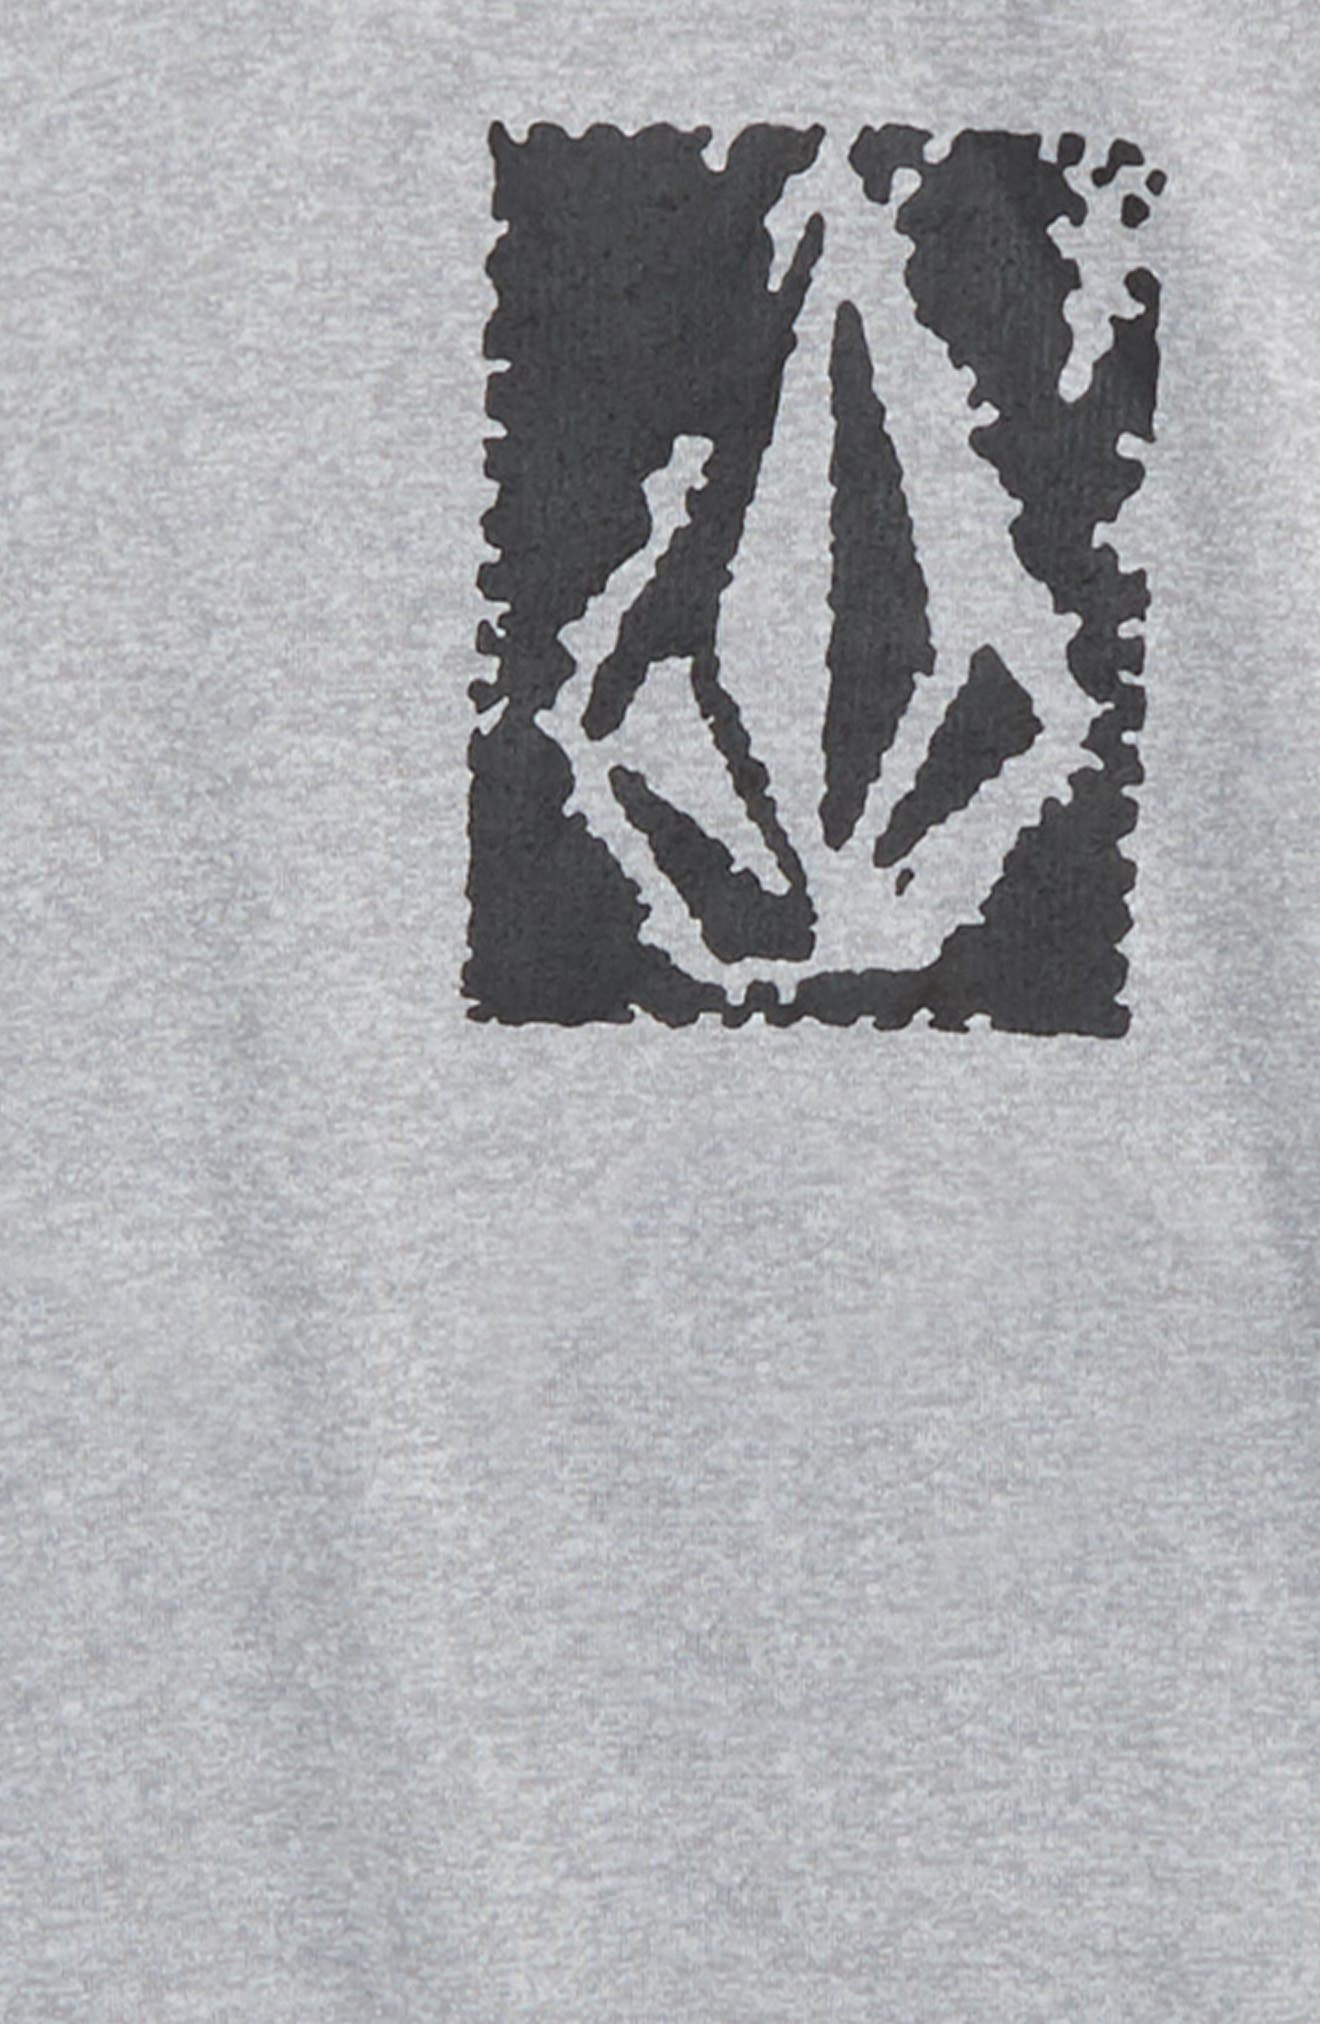 Lido Short Sleeve Rashguard,                             Alternate thumbnail 3, color,                             020